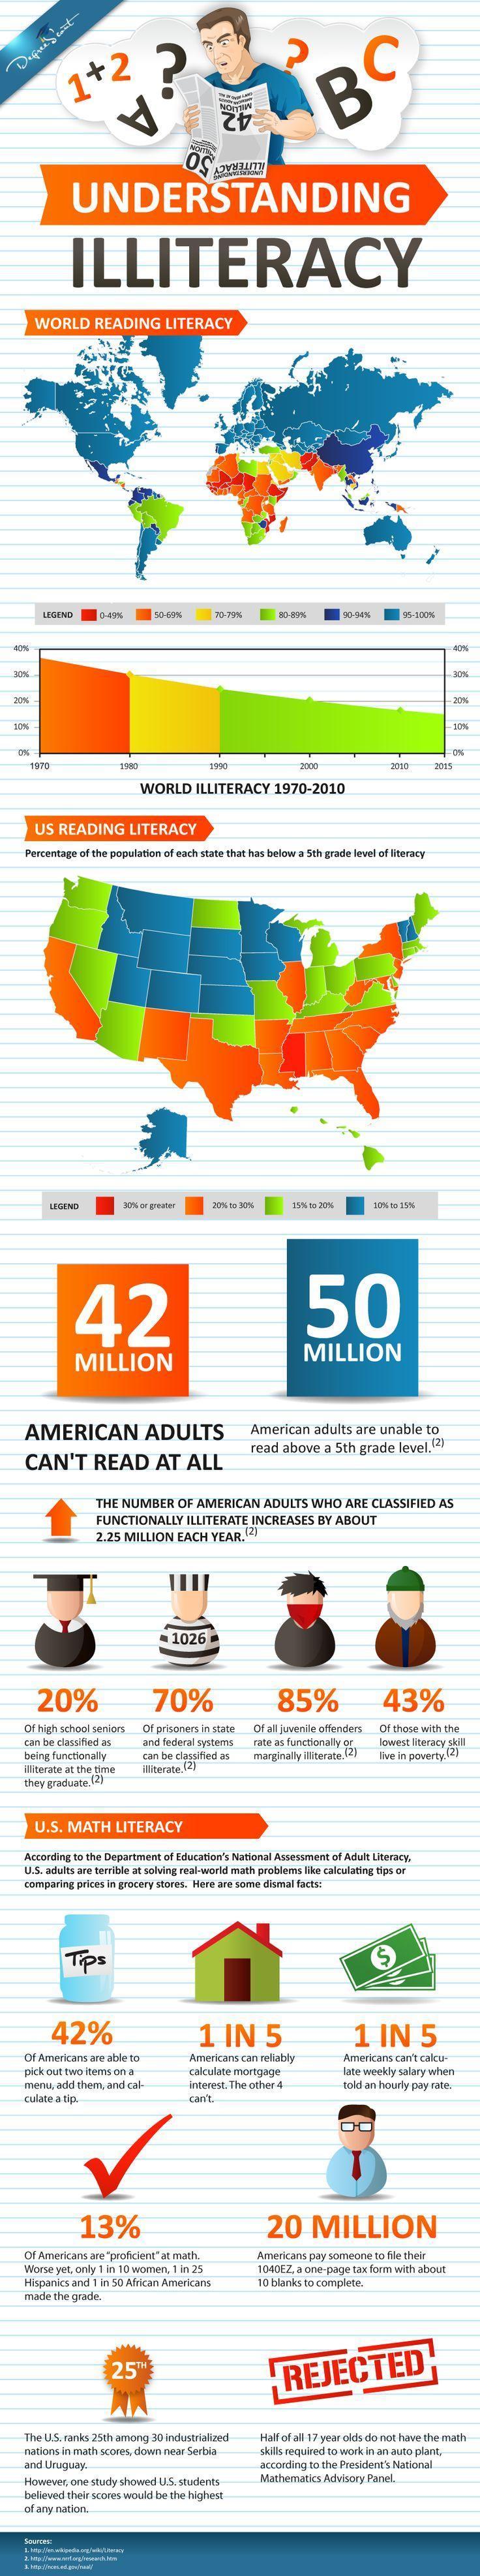 understanding literacy